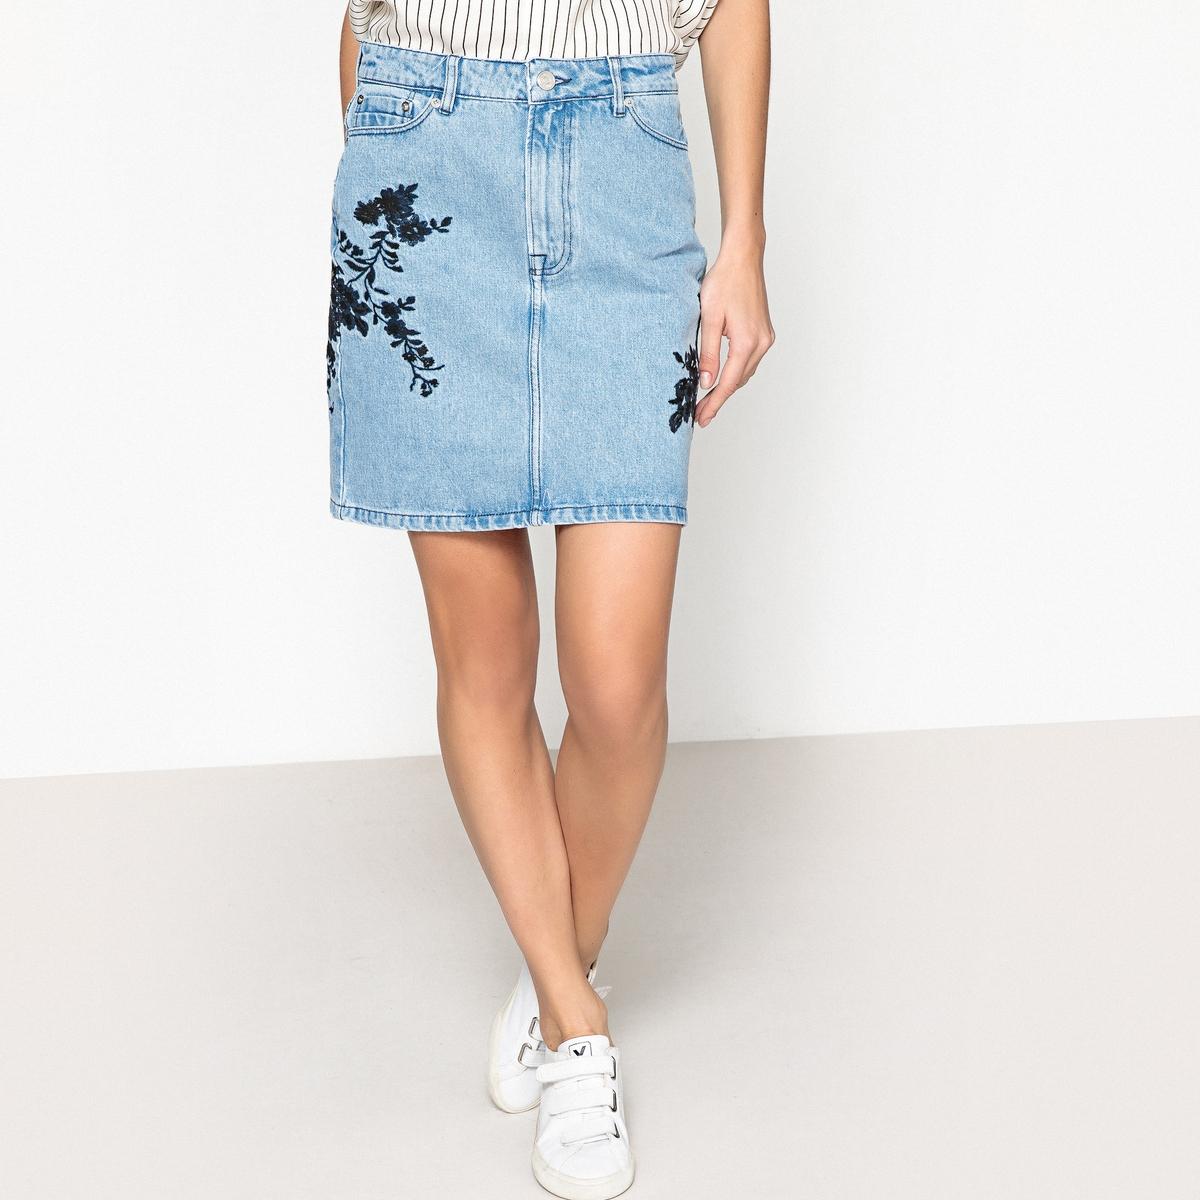 Юбка джинсовая с вышивкой PAMELA topshop джинсовая юбка